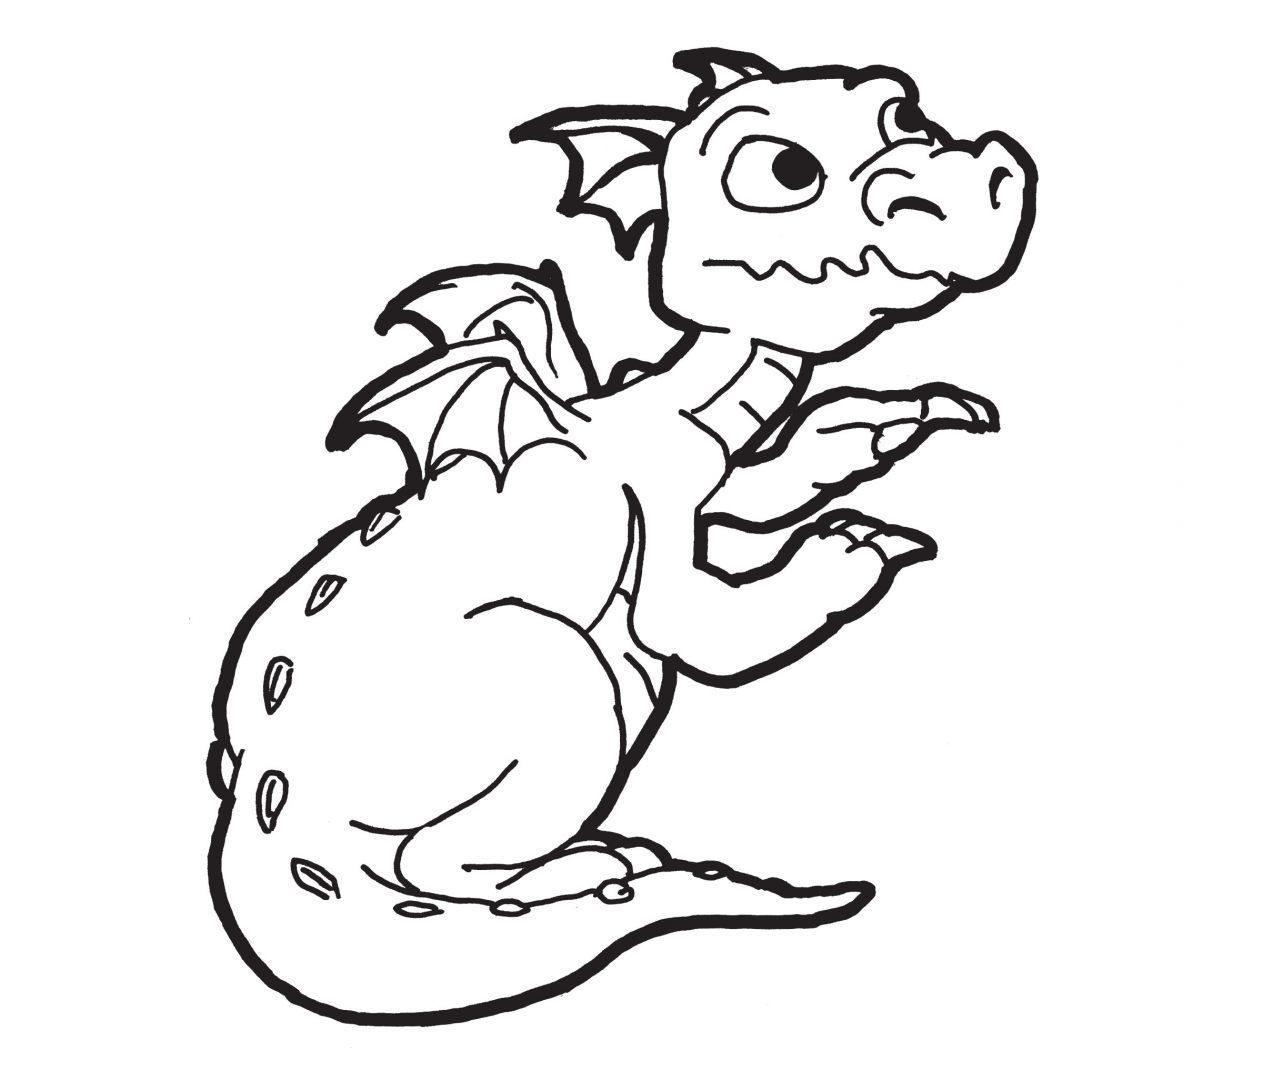 Bebé dragón :: Imágenes y fotos